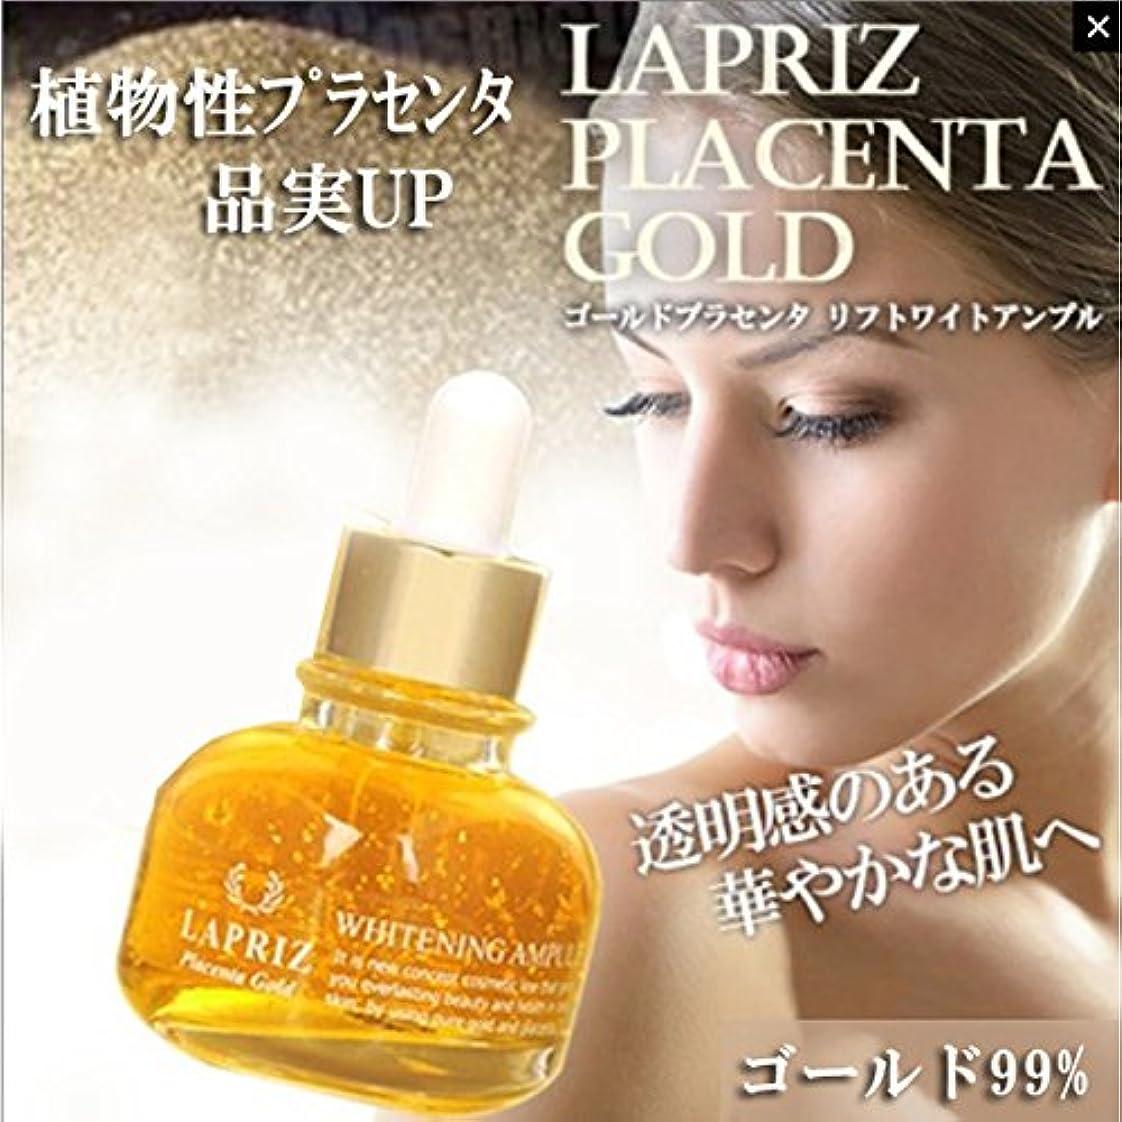 調整心配医師【LAPRIZ/ラプリズ】プラセンタゴルードホワイトニングアンプル99.9% ゴールド